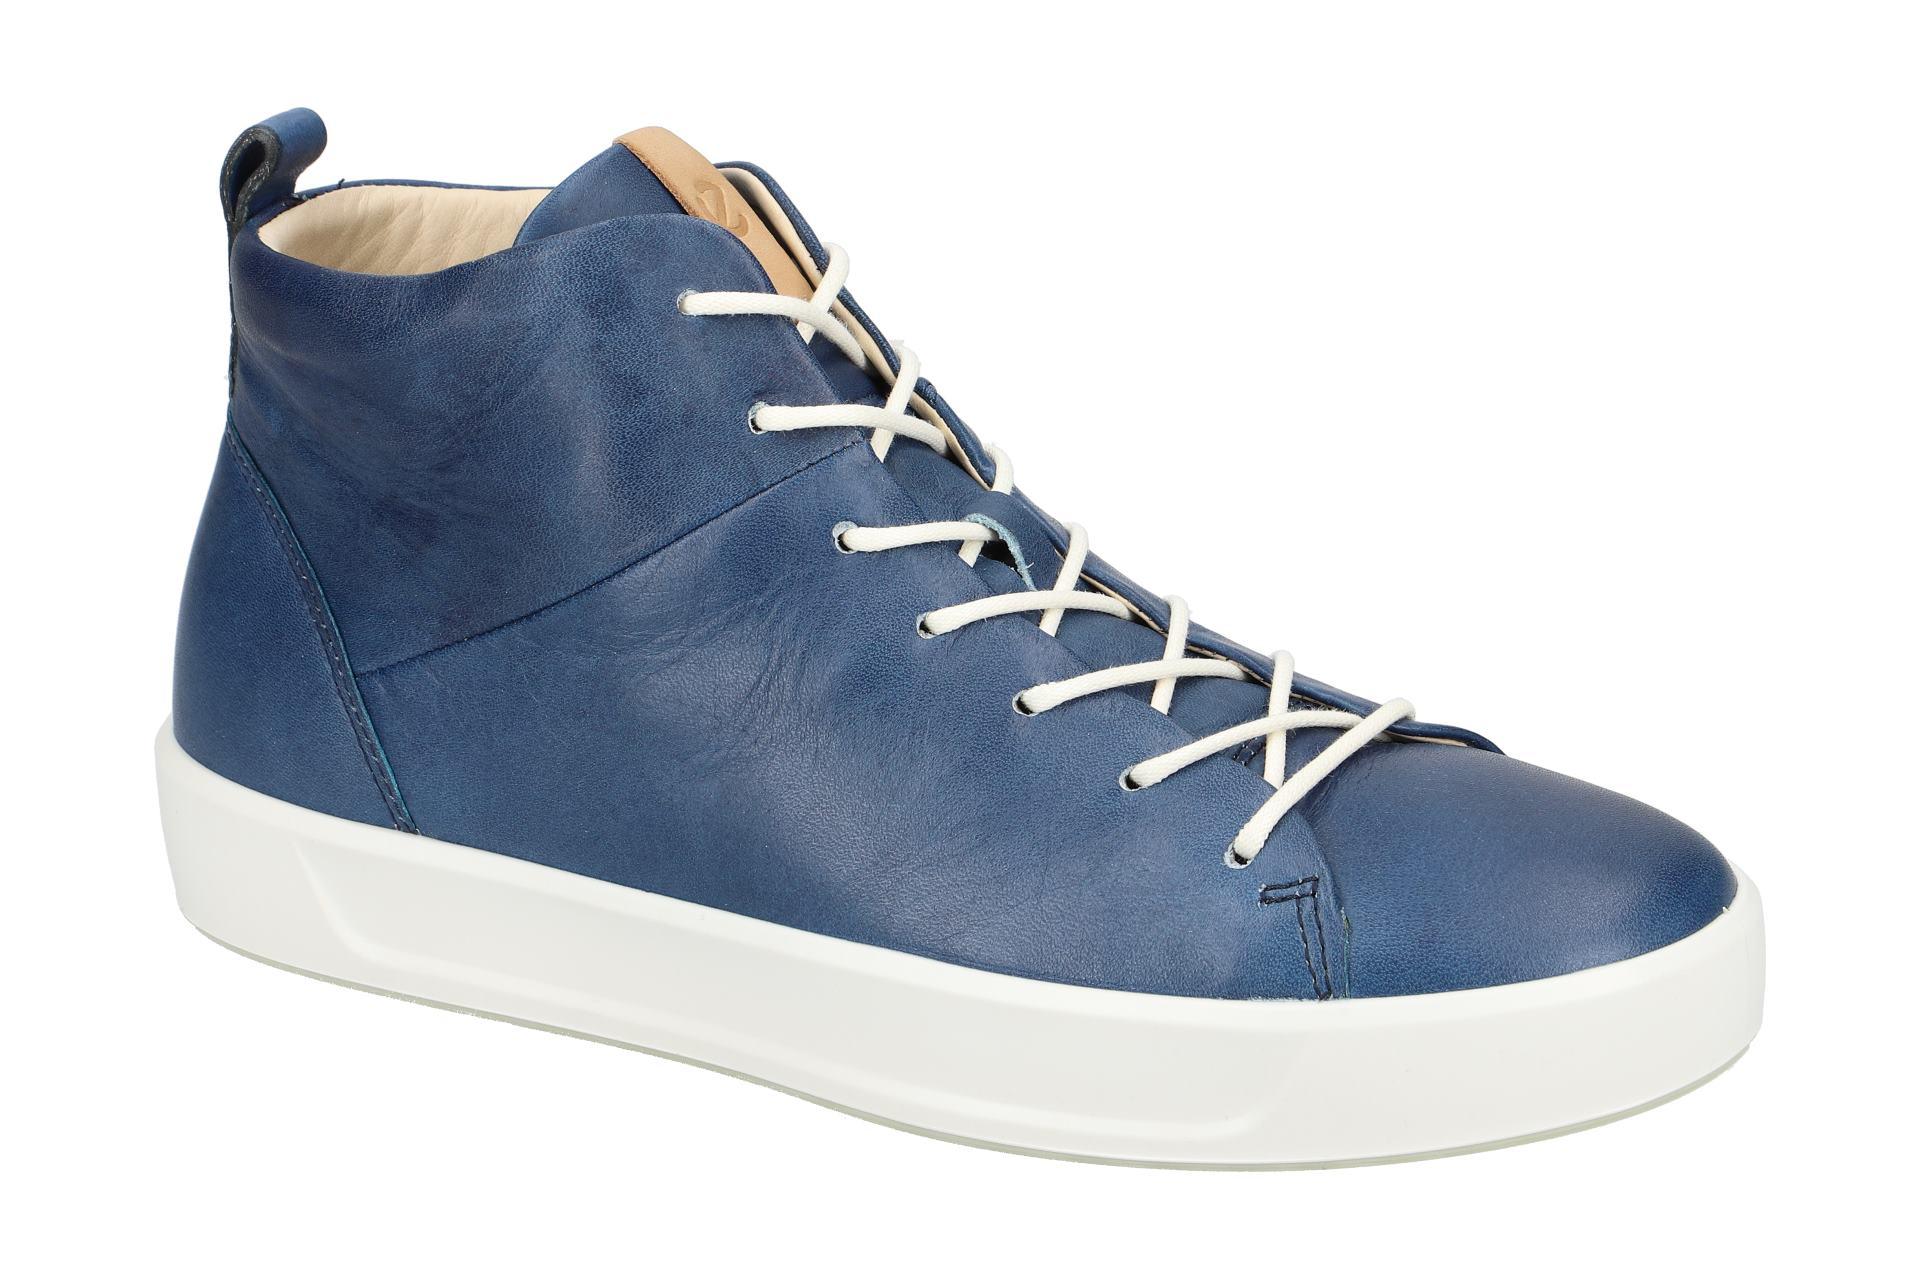 Damen Neu Ladies Blau Details Zu Schuhe Ecco 44053301321 8 Stiefeletten Soft u5c3lTFK1J